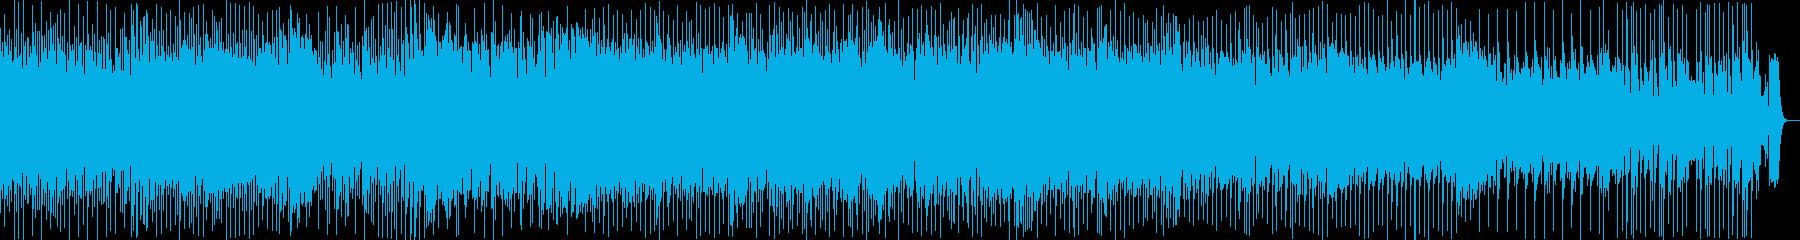 これからワクワクすることが始まりそうの再生済みの波形